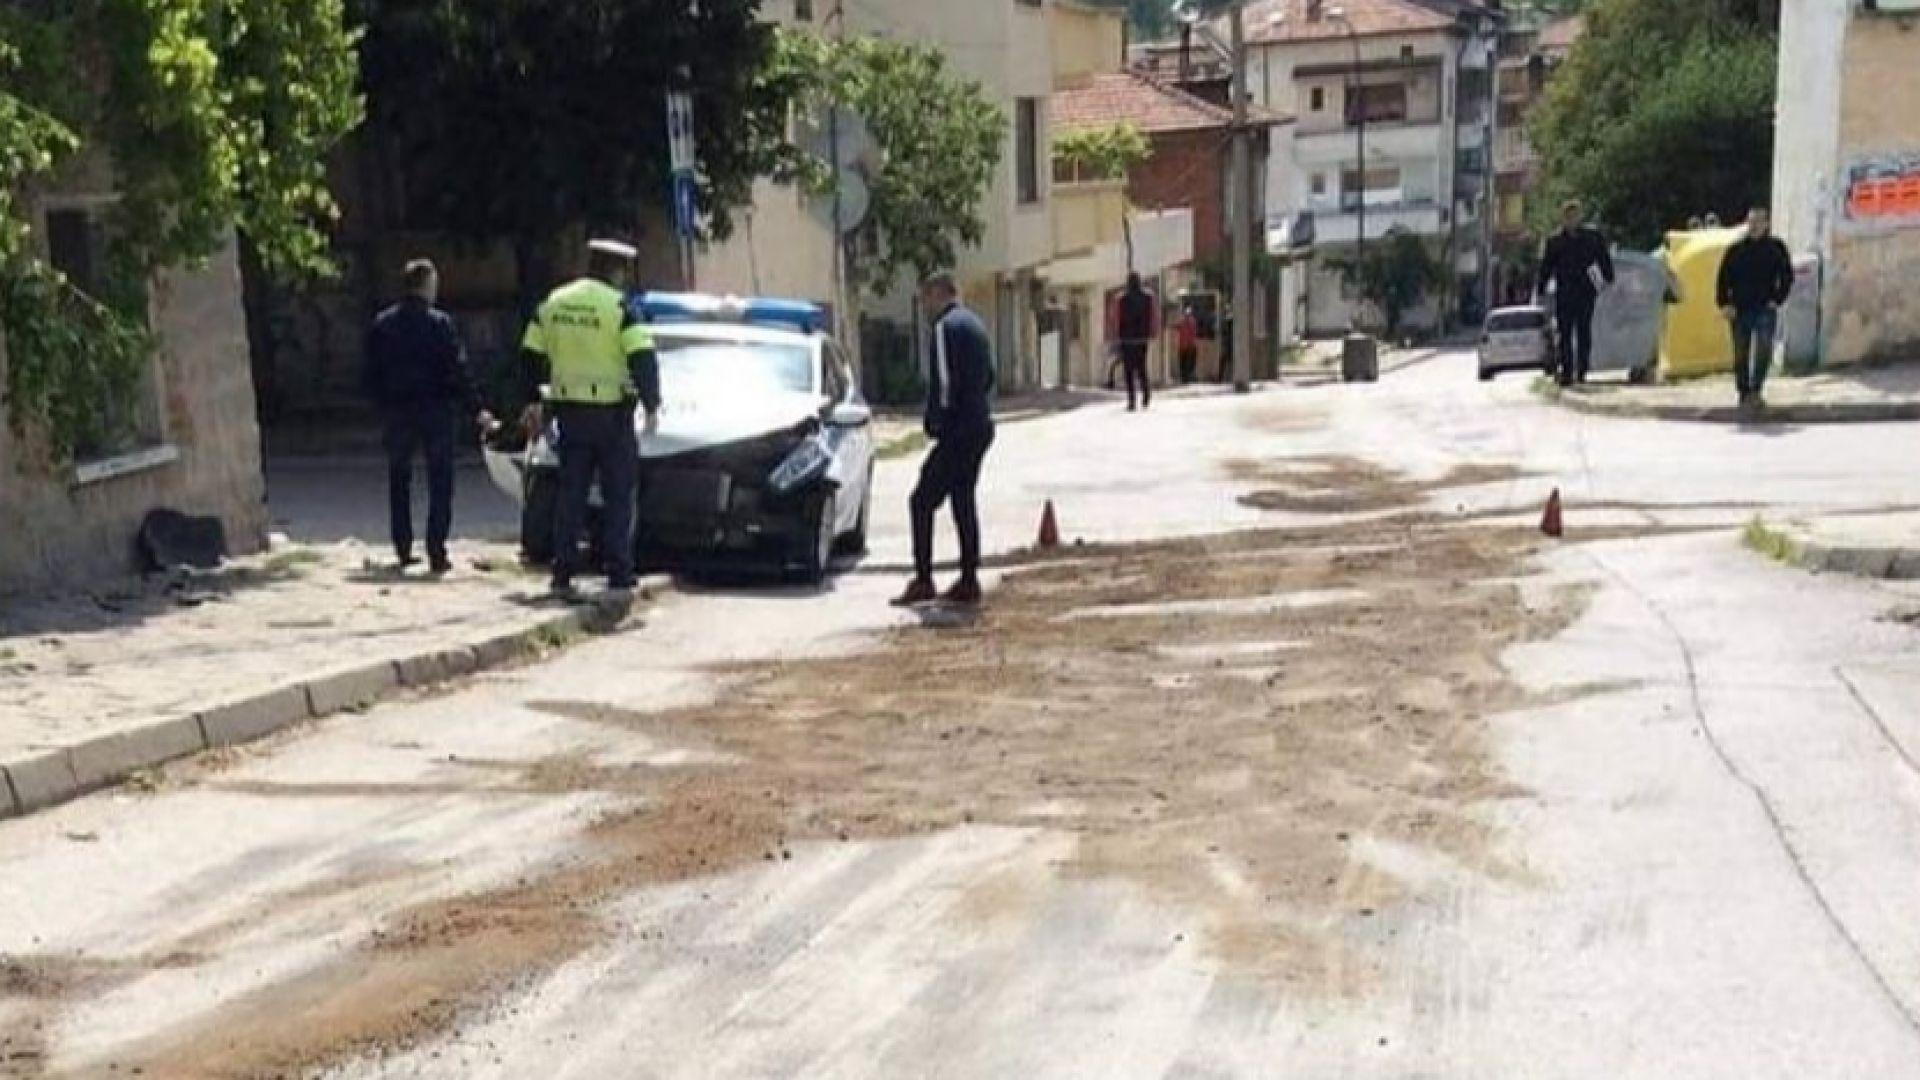 Зъболекар с Мерцедес отнесе патрулка и рани двама полицаи в Сандански